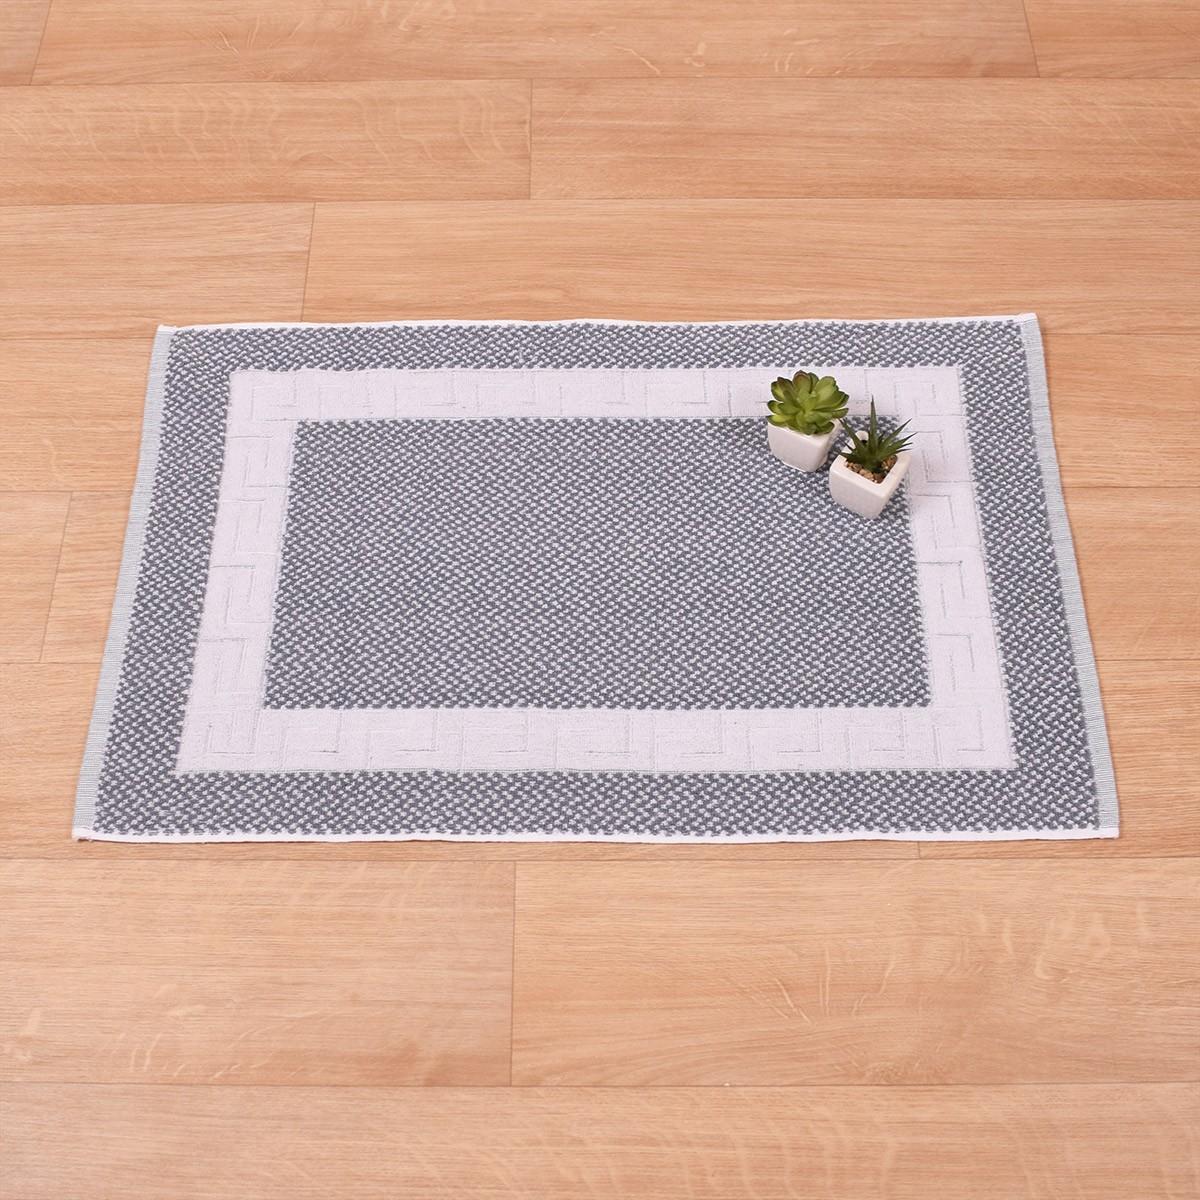 Πετσετέ Πατάκι Μπάνιου (50×75) Μαίανδρος Λευκό-Γκρι 650gr/m2 73694